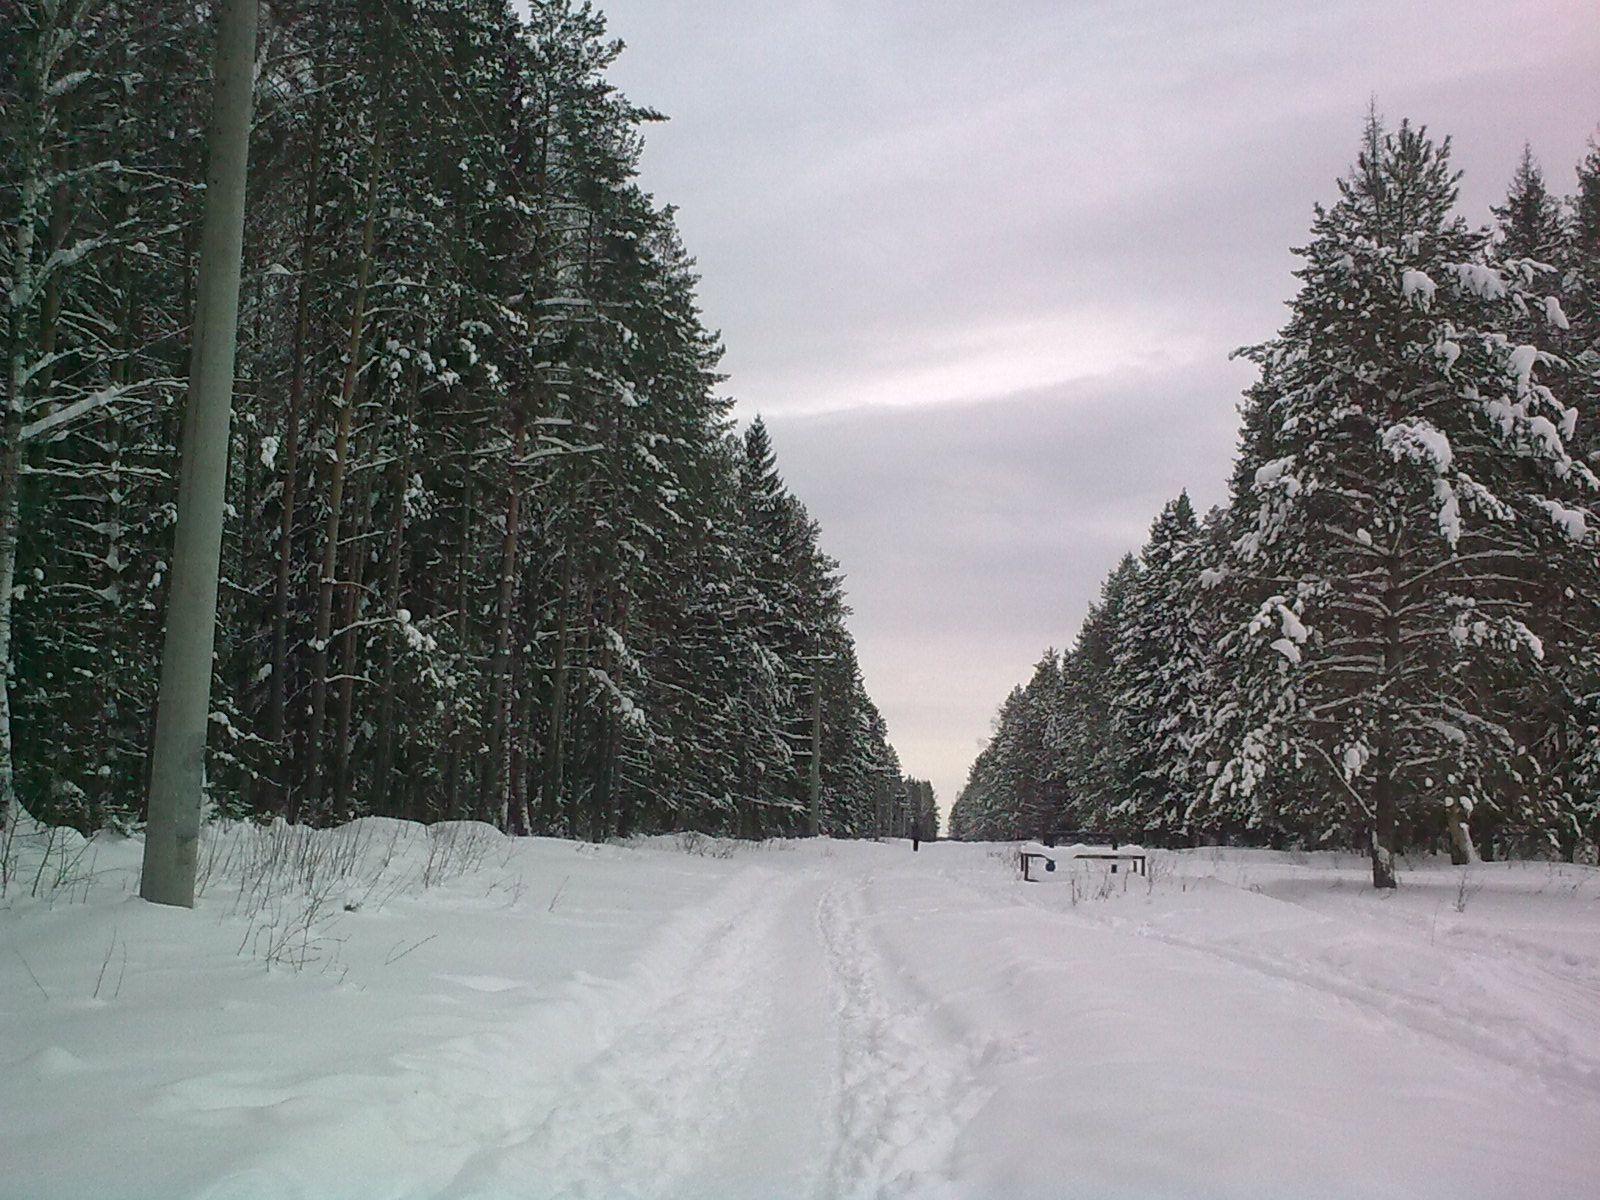 linkme.ufanet.ru/images/c9e8de07f72cb6882219dd57c0848ffe.jpg